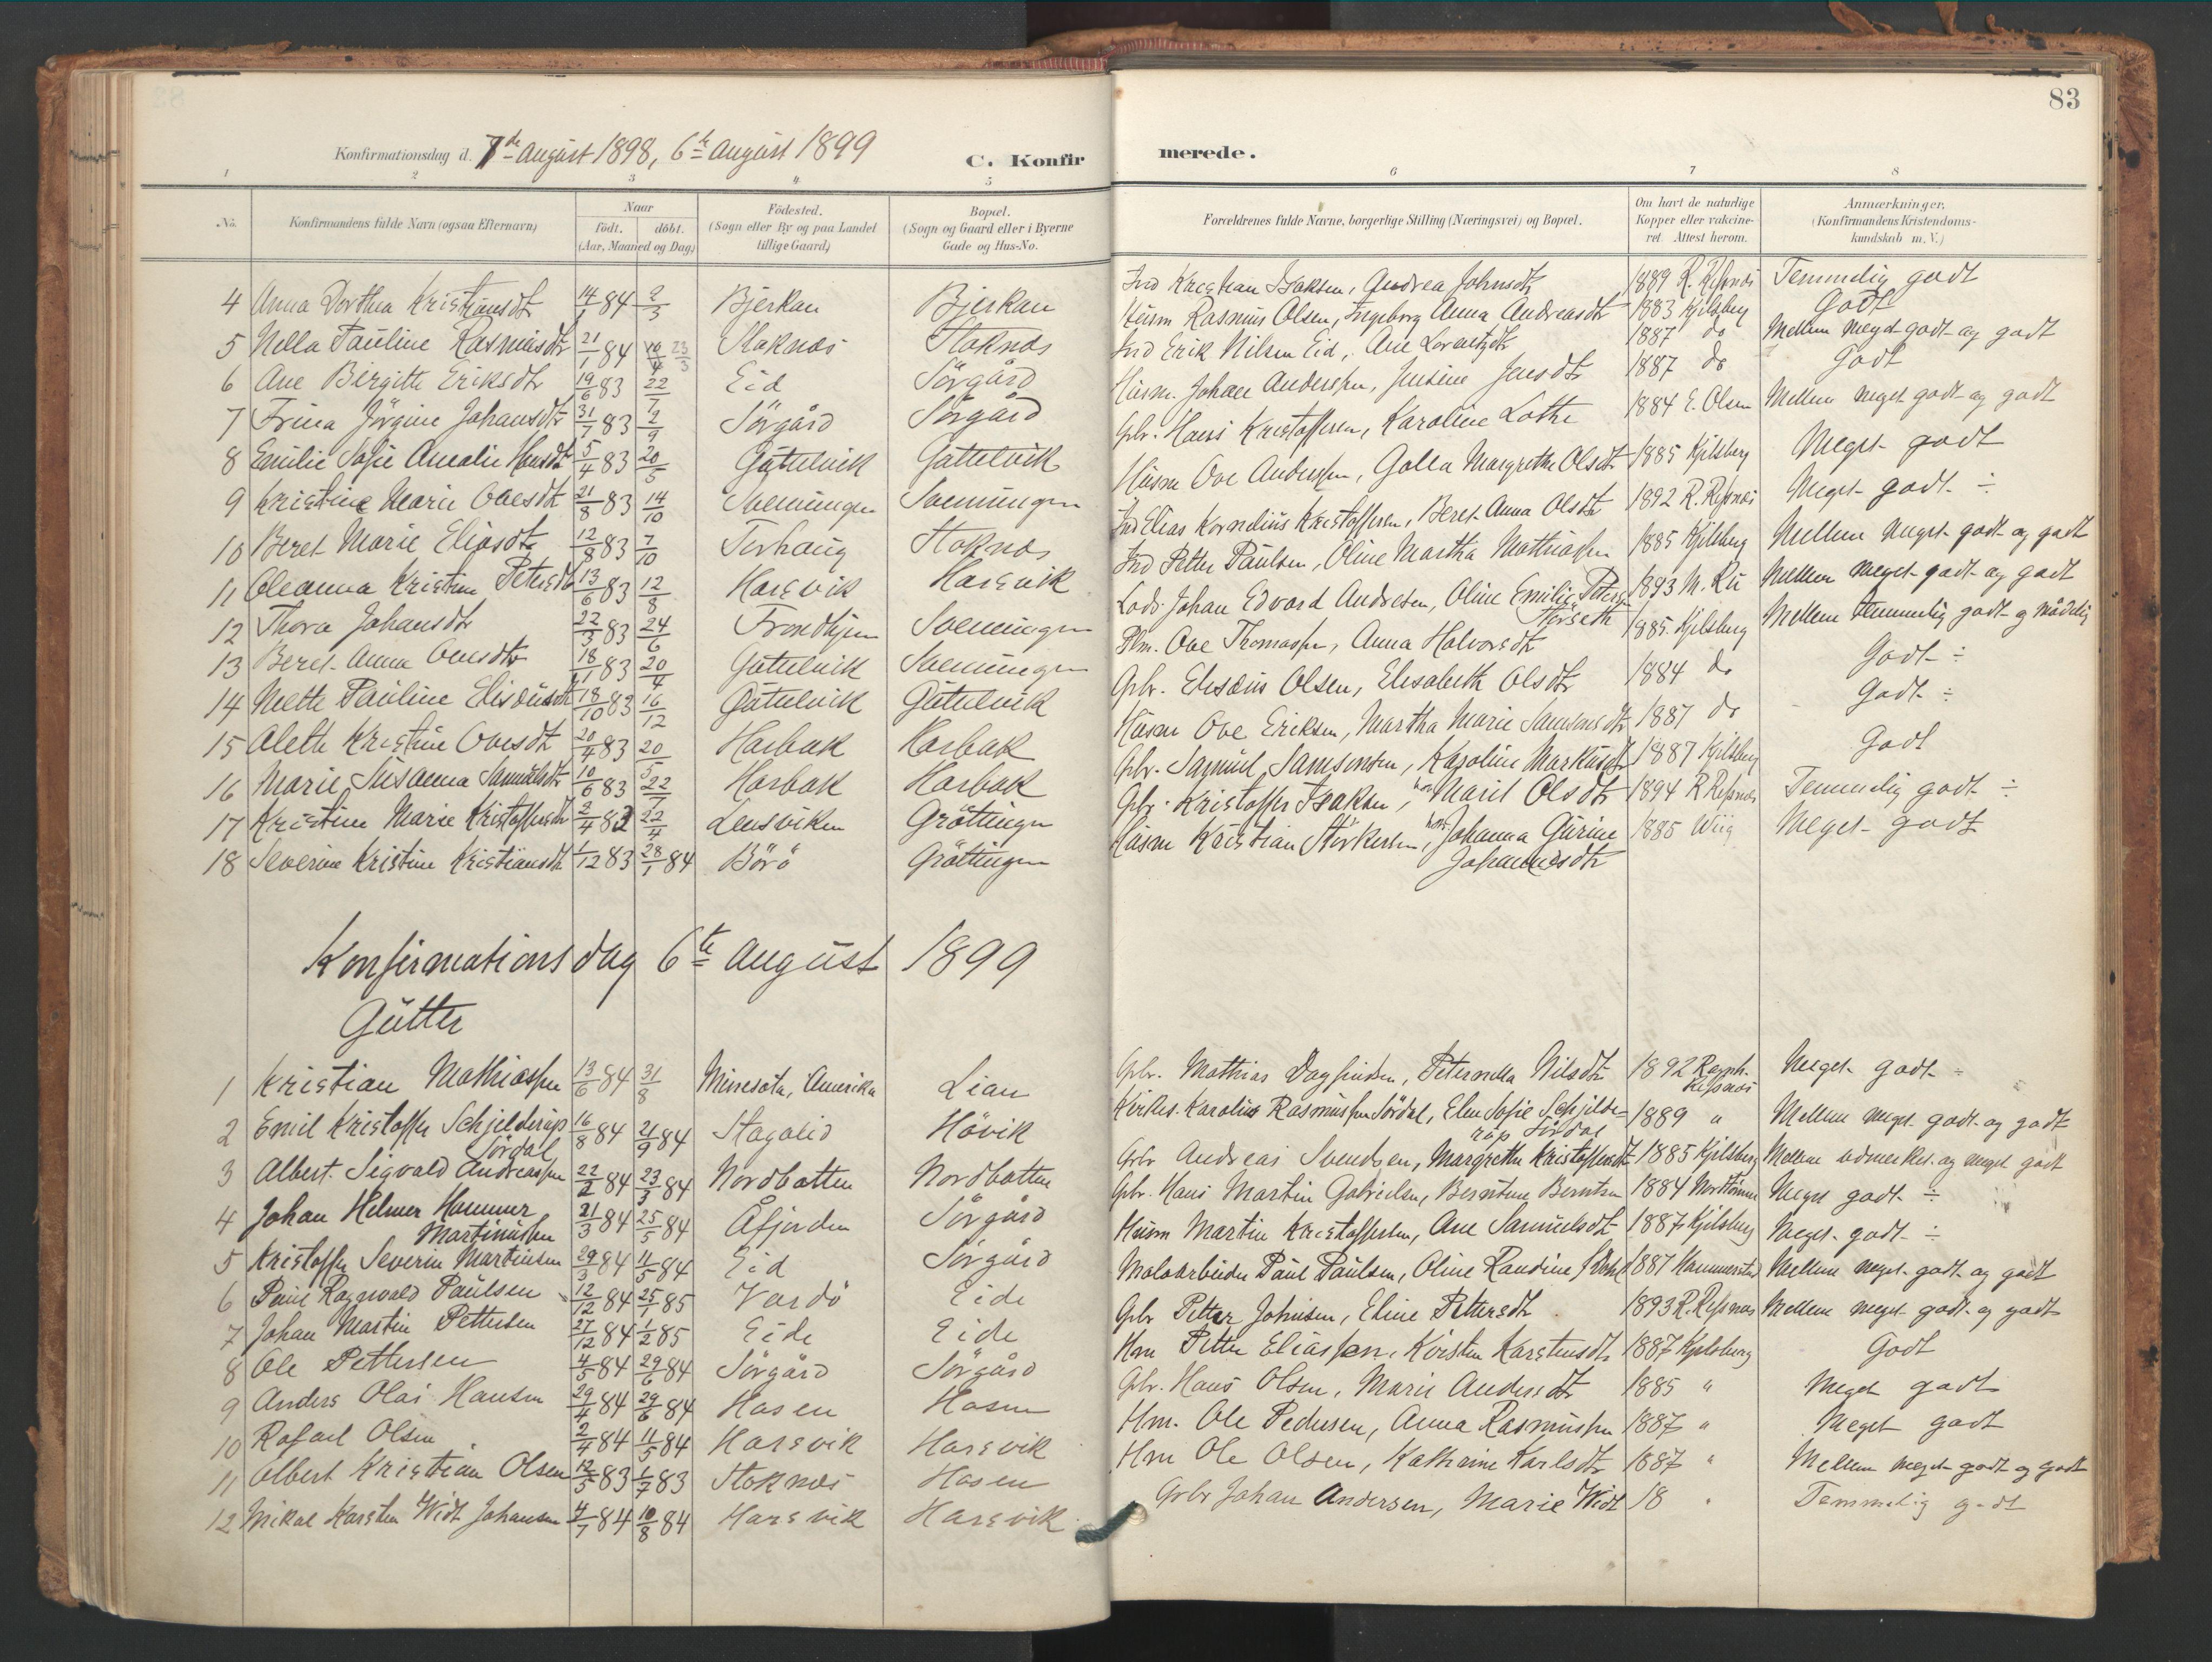 SAT, Ministerialprotokoller, klokkerbøker og fødselsregistre - Sør-Trøndelag, 656/L0693: Ministerialbok nr. 656A02, 1894-1913, s. 83